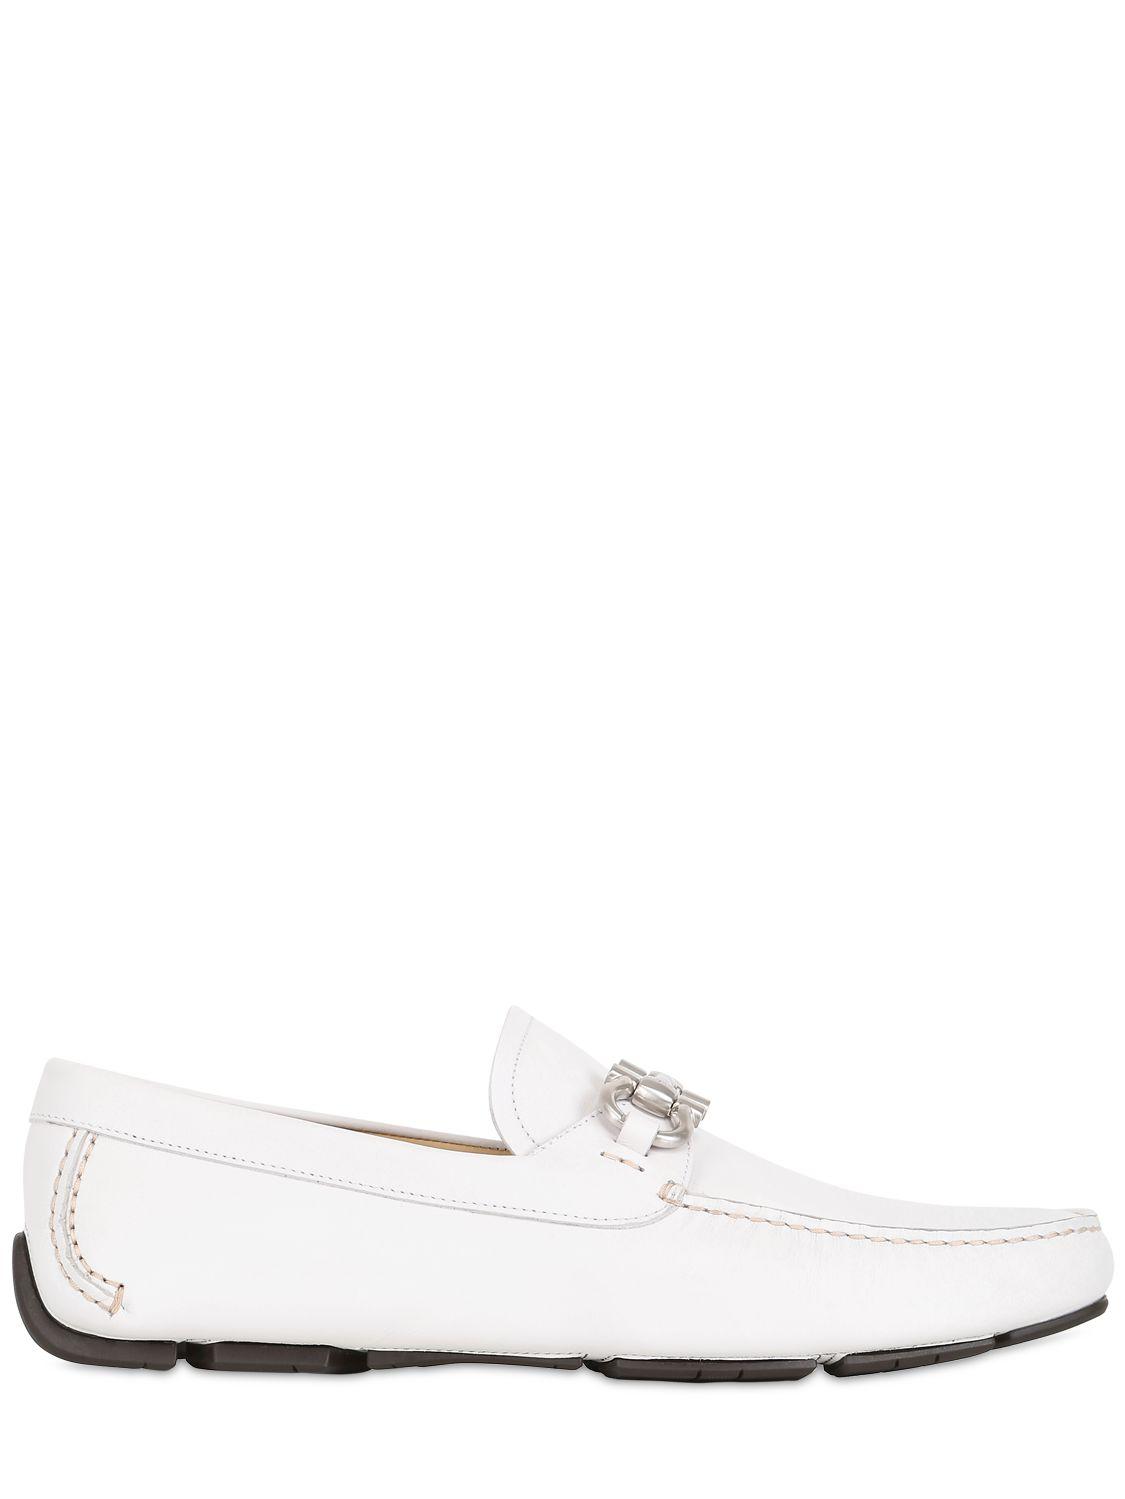 72e8b733050 Lyst - Ferragamo Parigi Leather Driving Loafers in White for Men